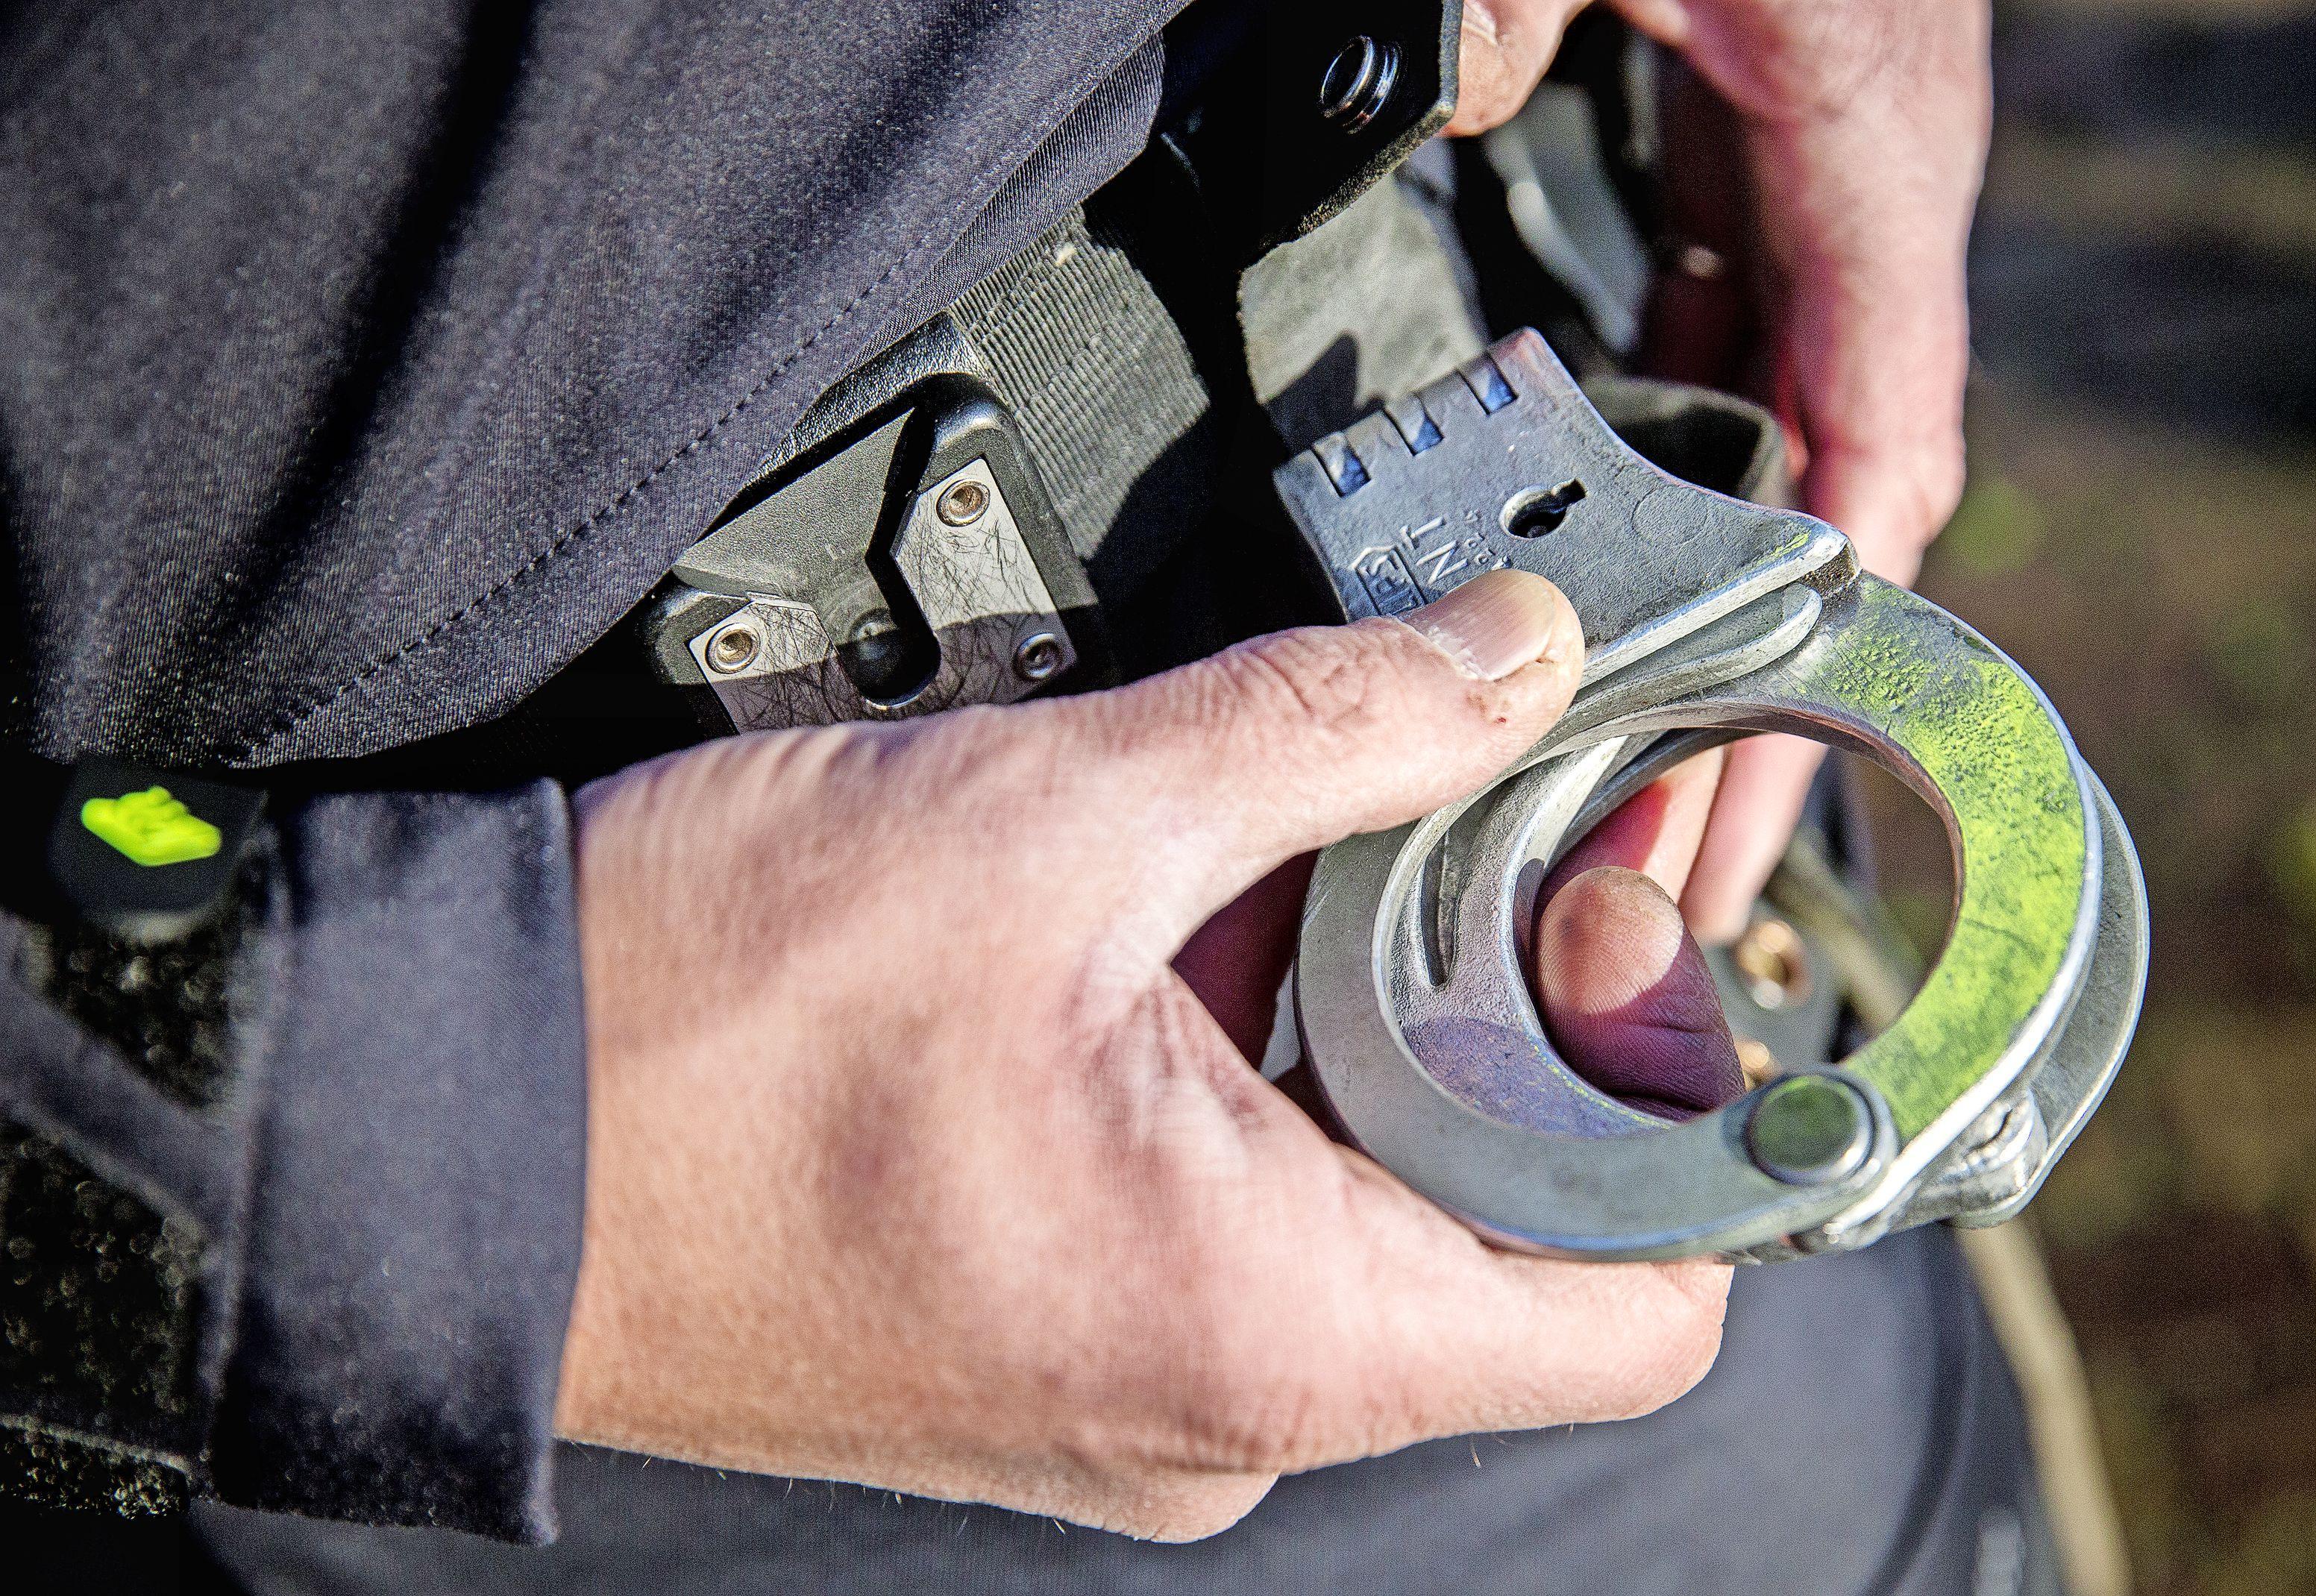 23-jarige vrouw aangehouden in onderzoek naar schietincident aan de Steengracht in Den Helder